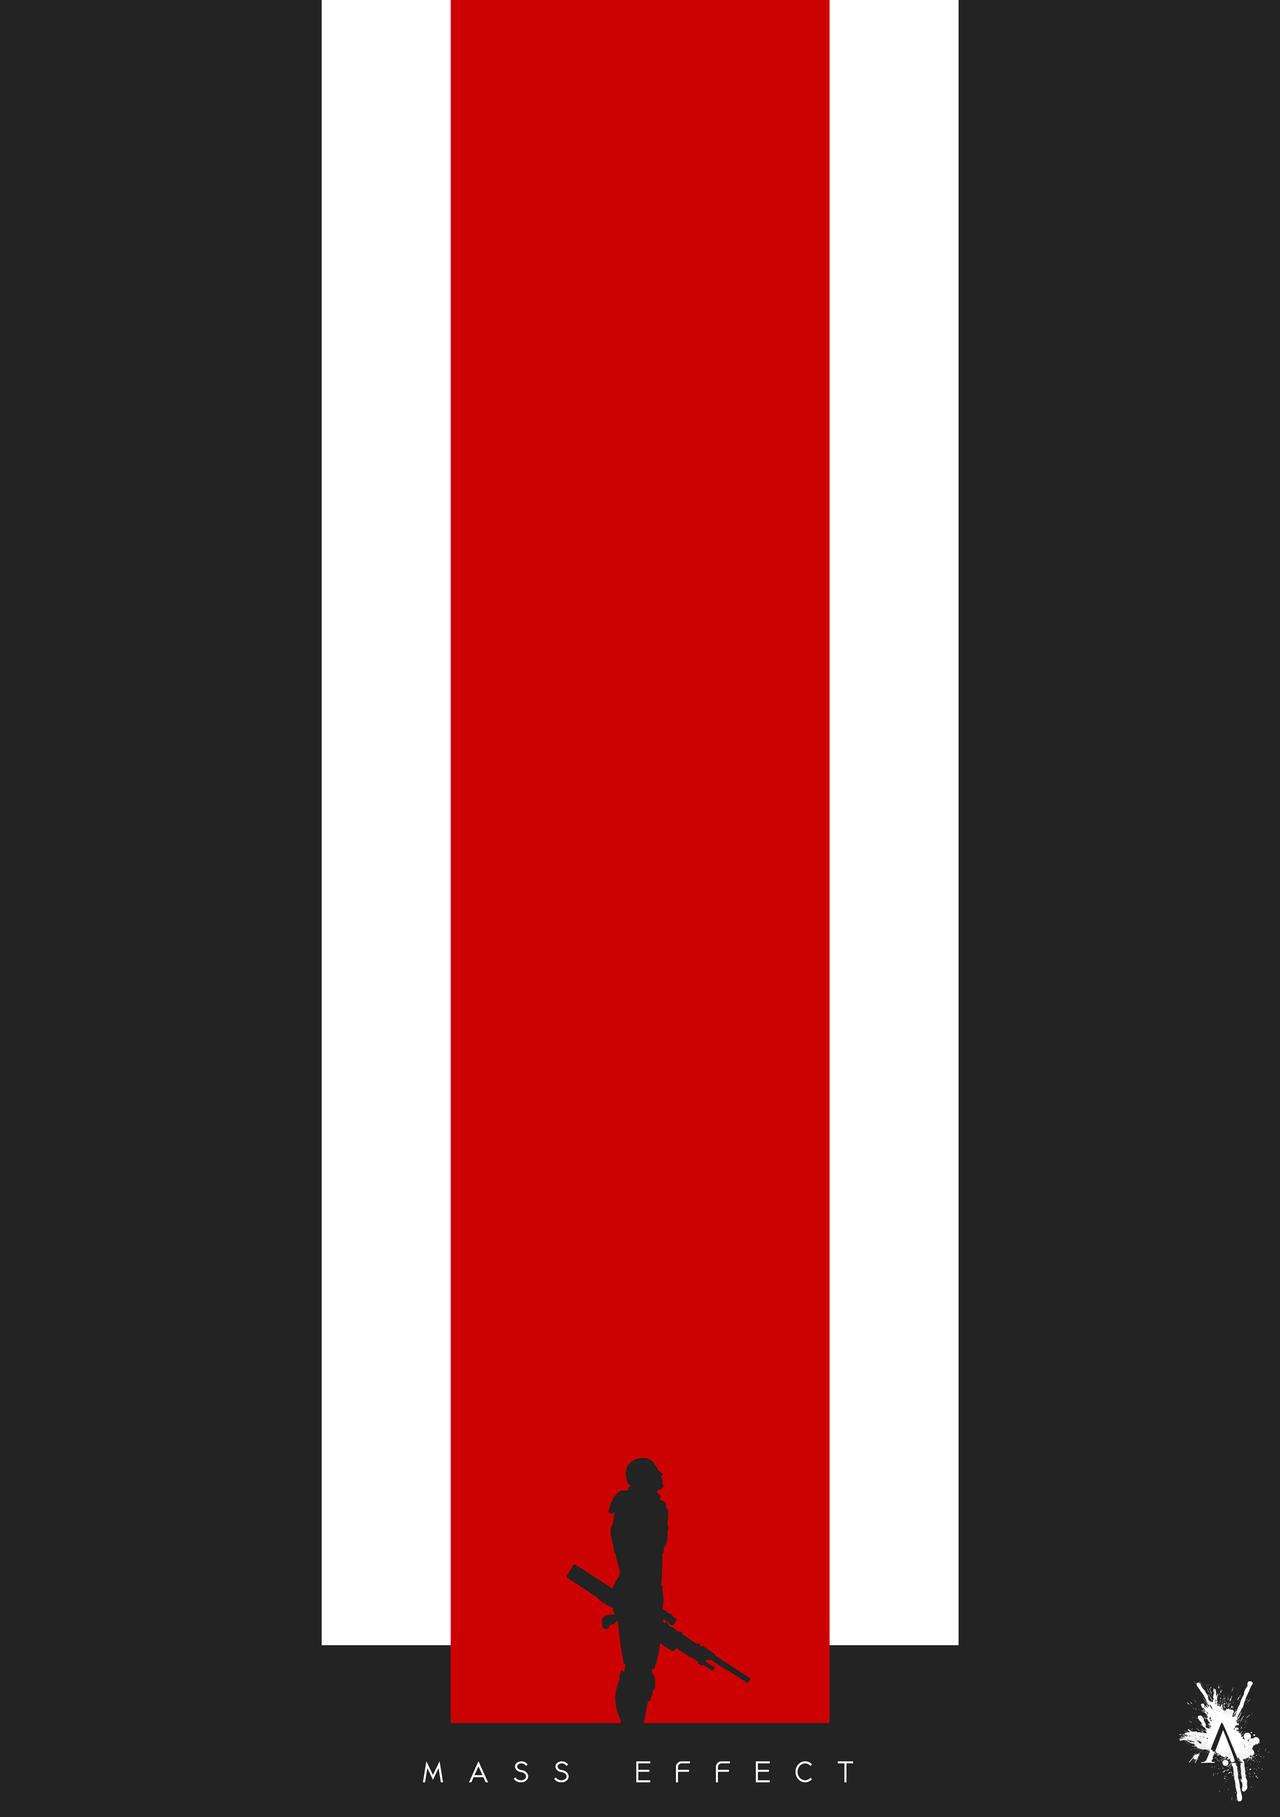 mass_effect_poster_01